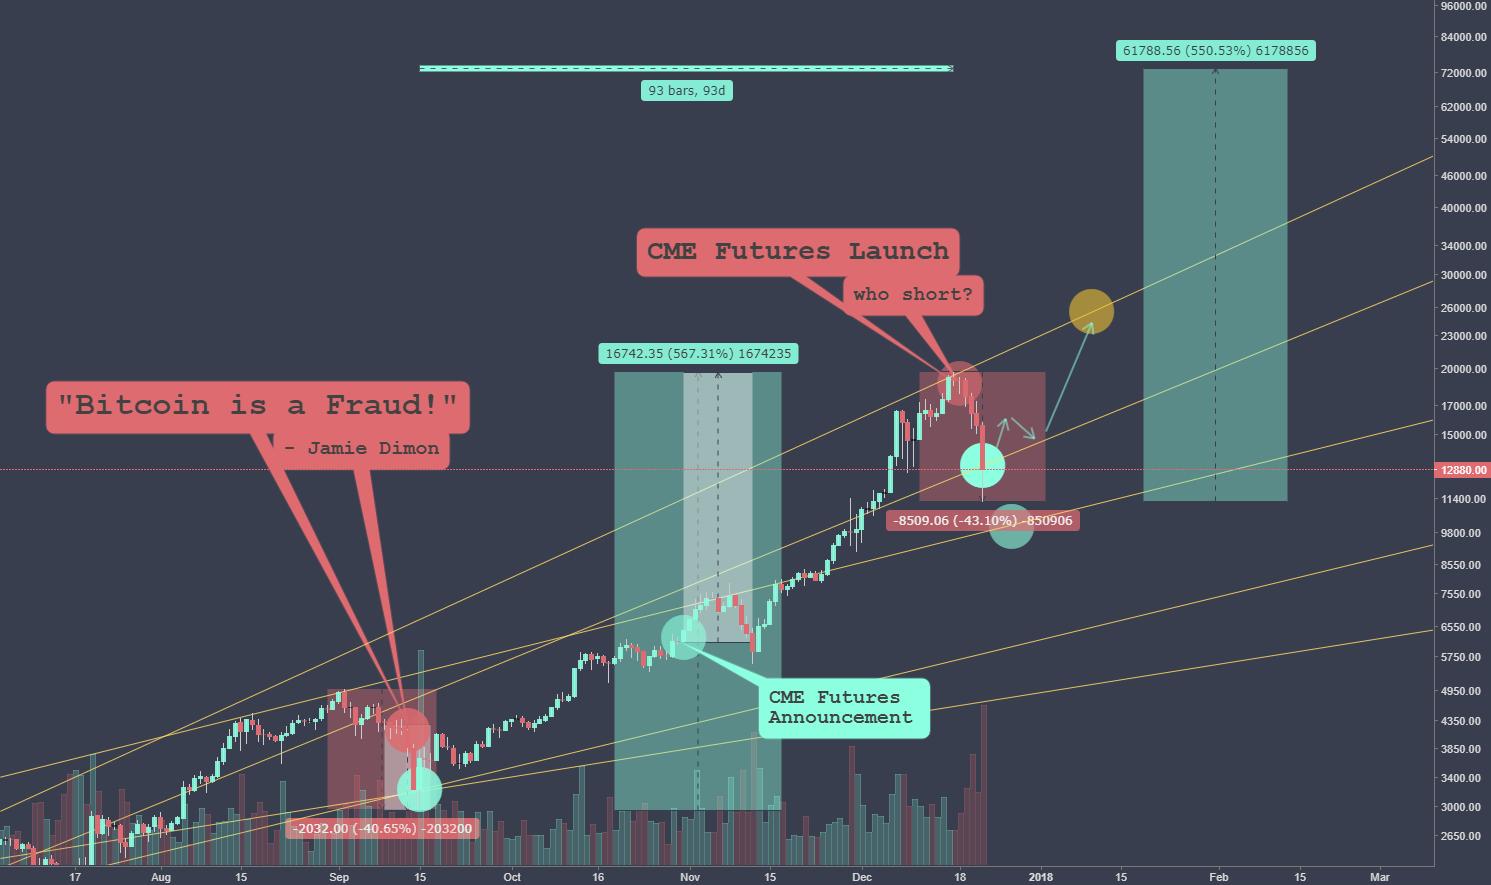 Jamie Dimon 2.0 - Bitcoin